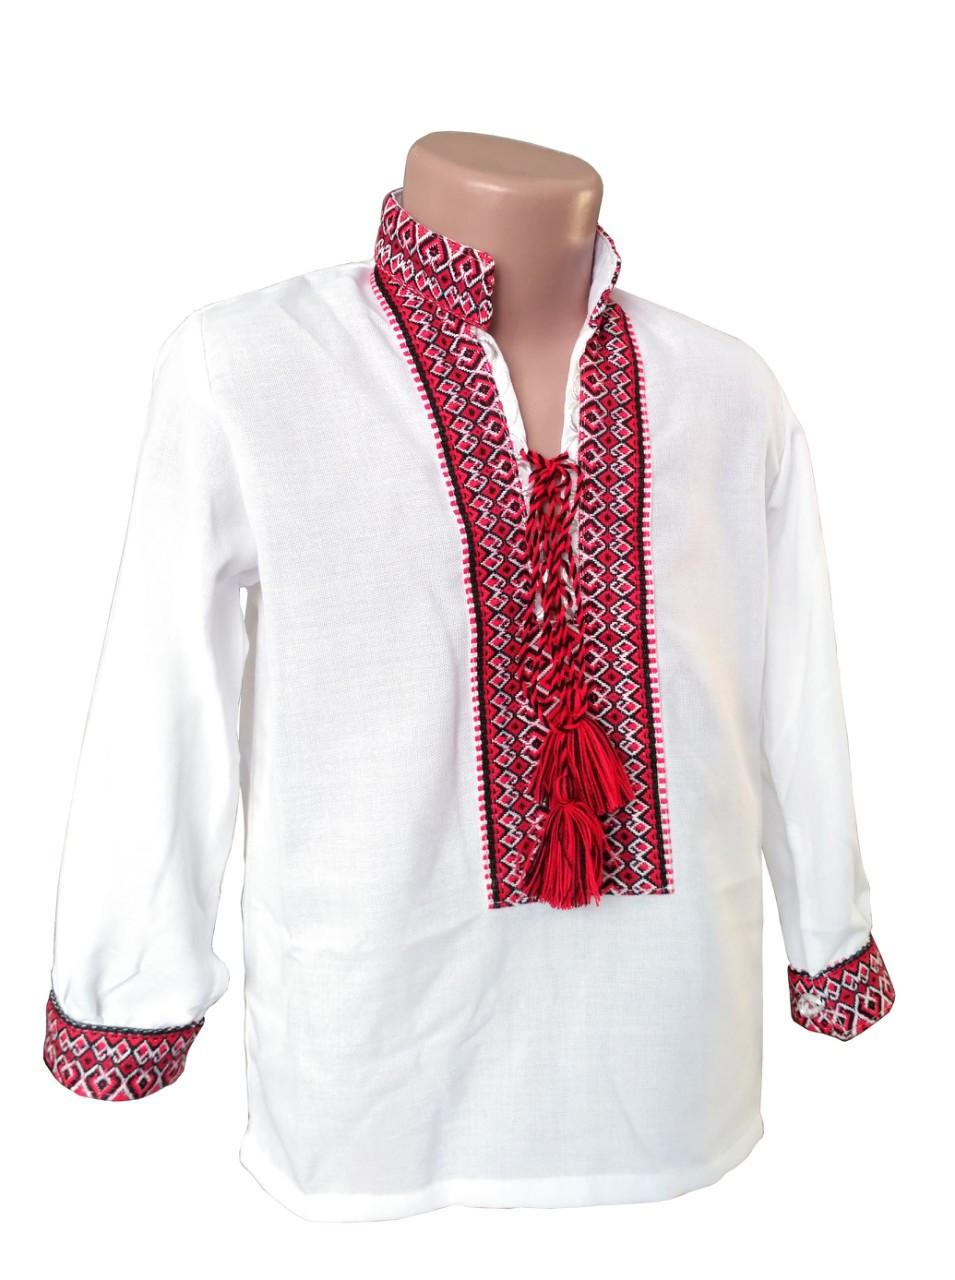 Рубашка Вышиванка из домотканного хлопка для мальчиков р. 92 - 176